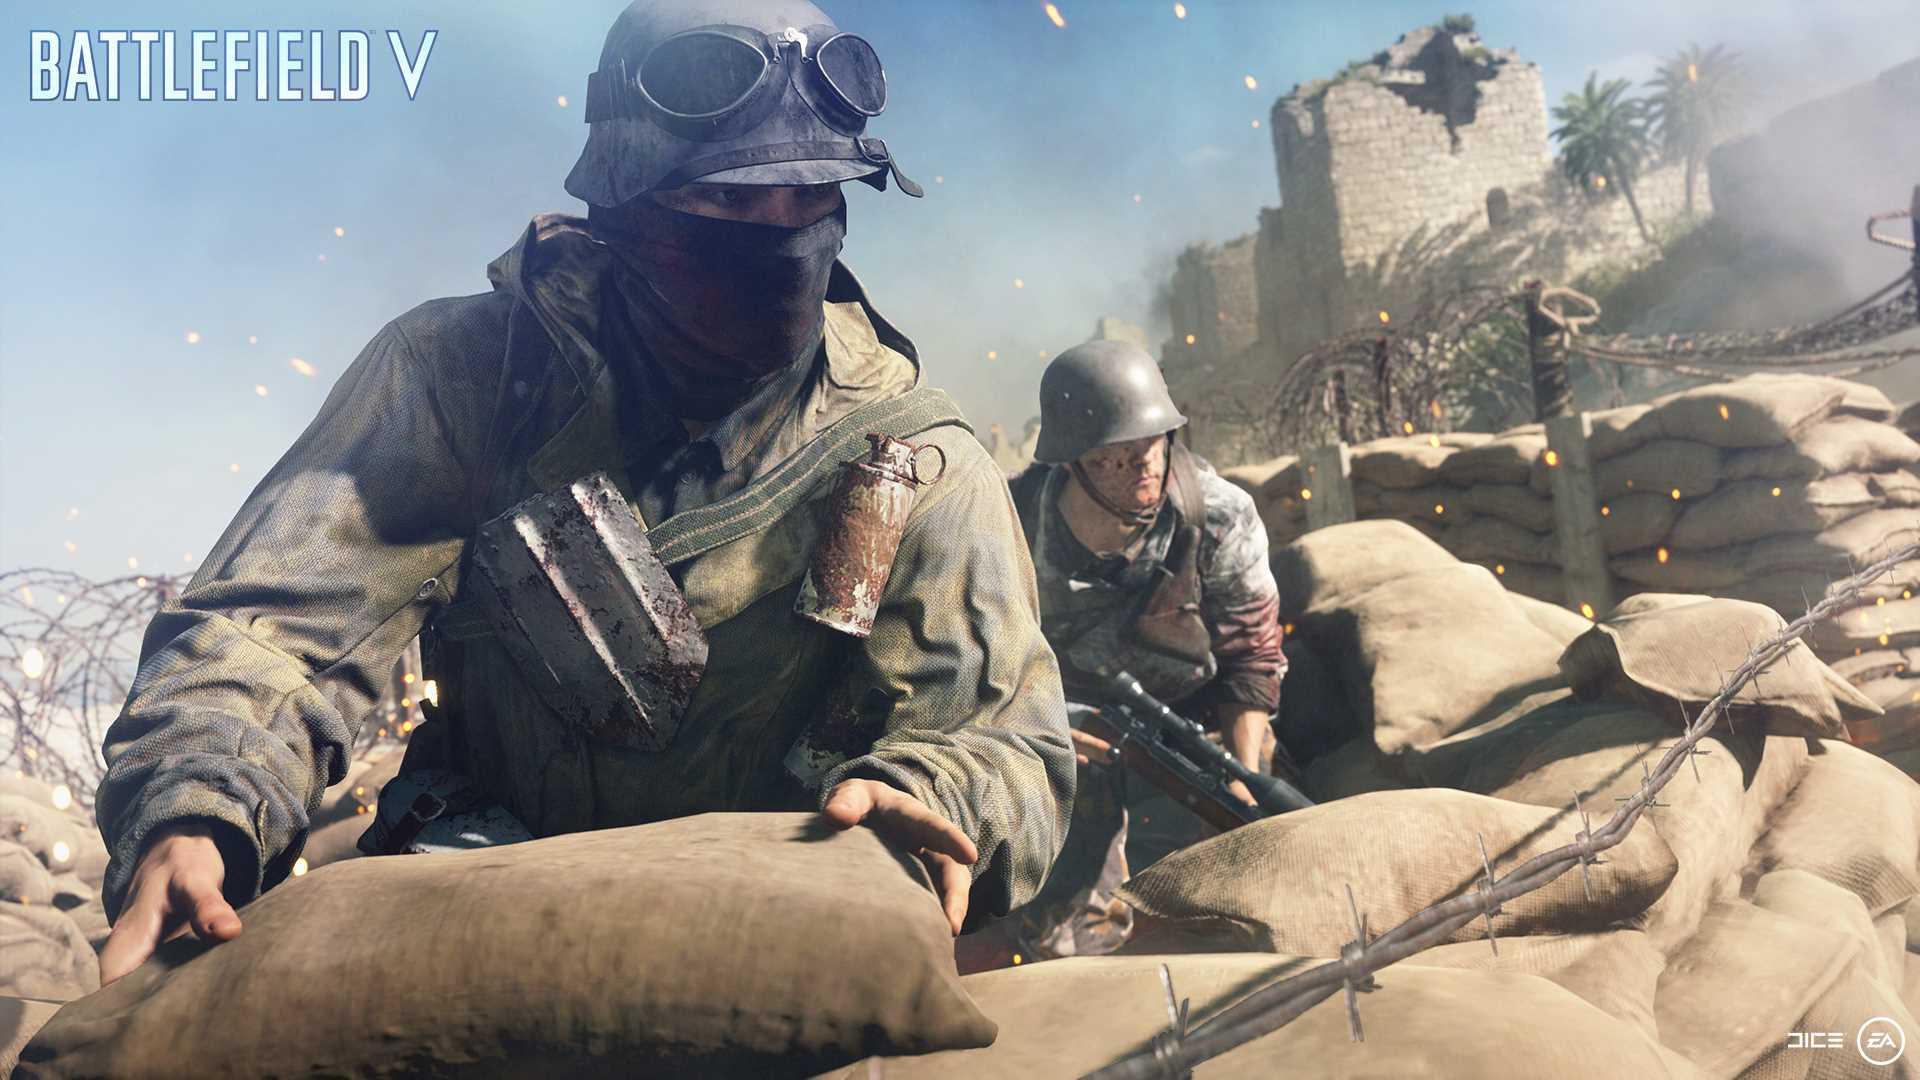 На иллюстрации изображена сцена из игры Battlefield V: боец поддержки устанавливает укрепления на карте в Северной Африки